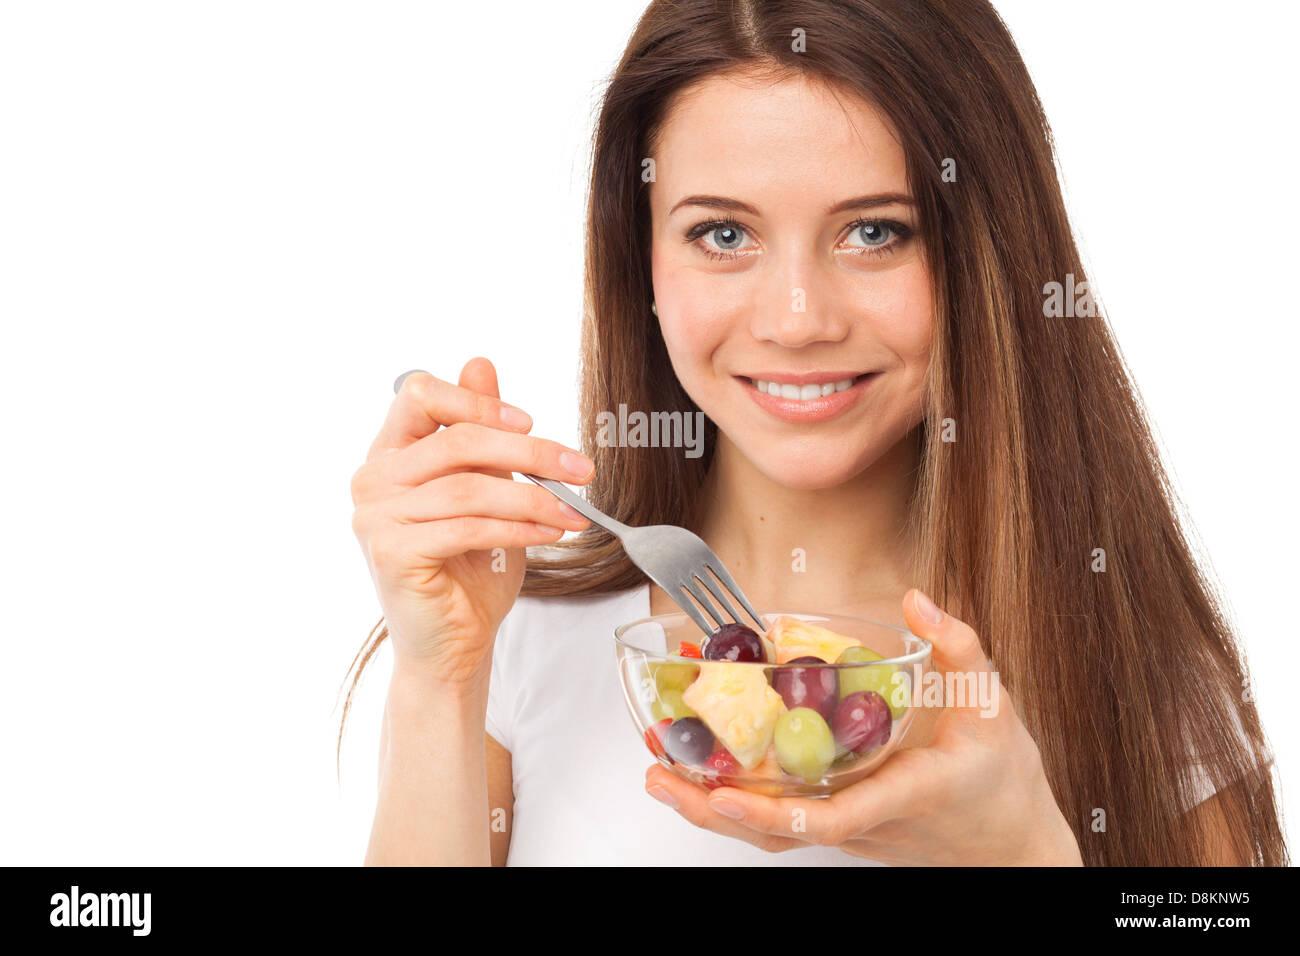 Close Up retrato de una bonita mujer comer frutas, aislado en blanco Imagen De Stock